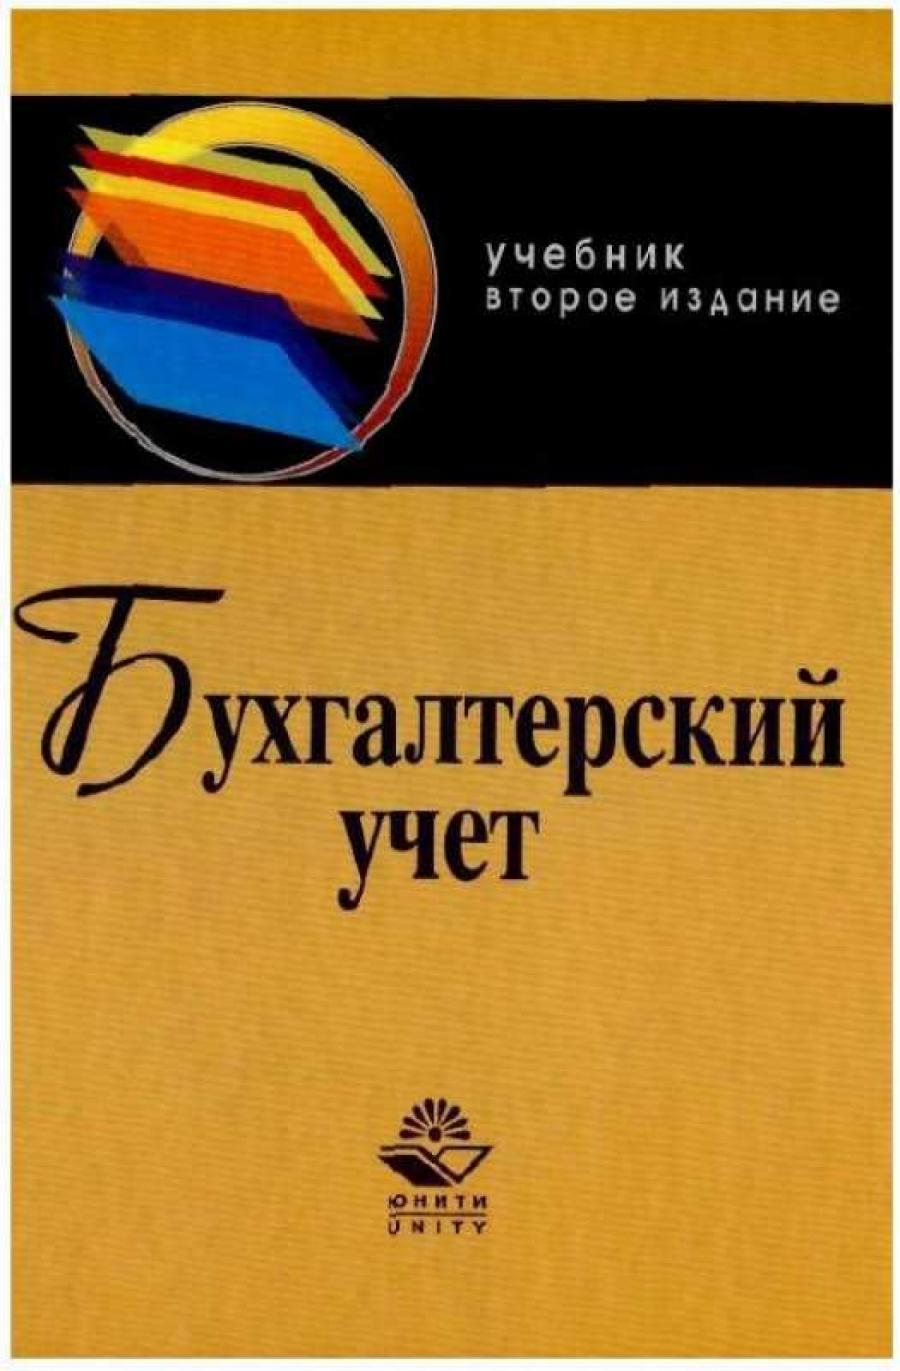 Обложка книги:  ю.а. бабаев, и.п. комиссарова, в.а. бородин - бухгалтерский учет